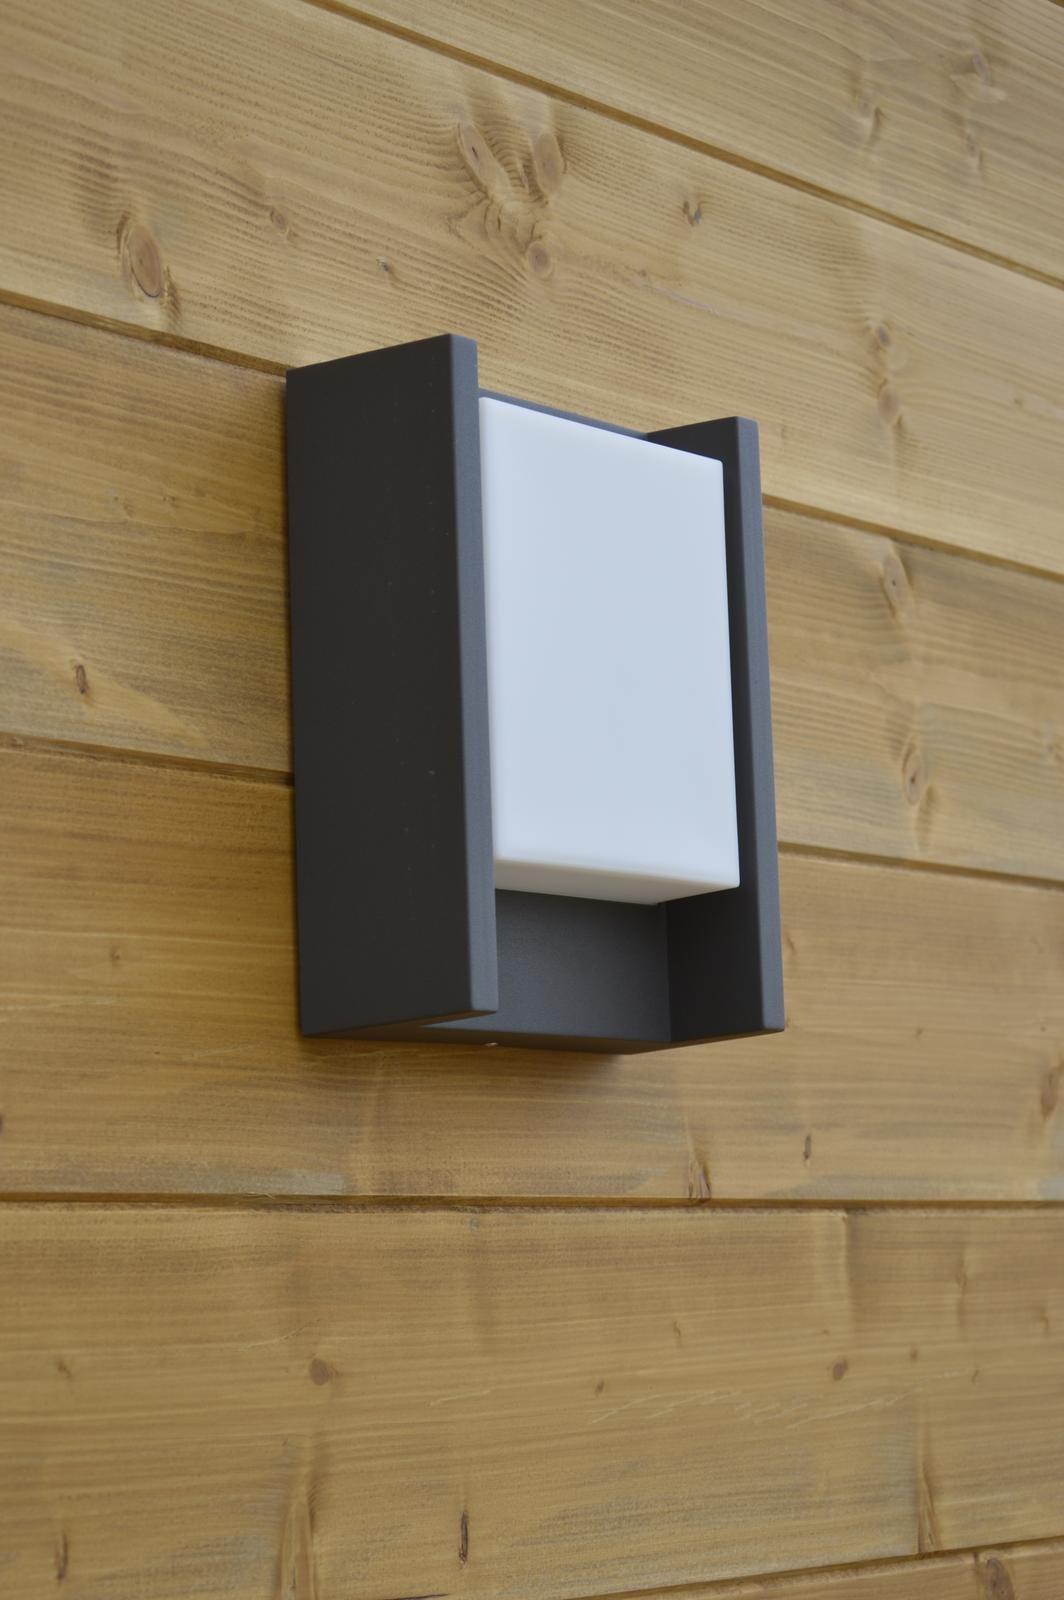 Víkendový modulový drevodom na kľúč - Obrázok č. 6